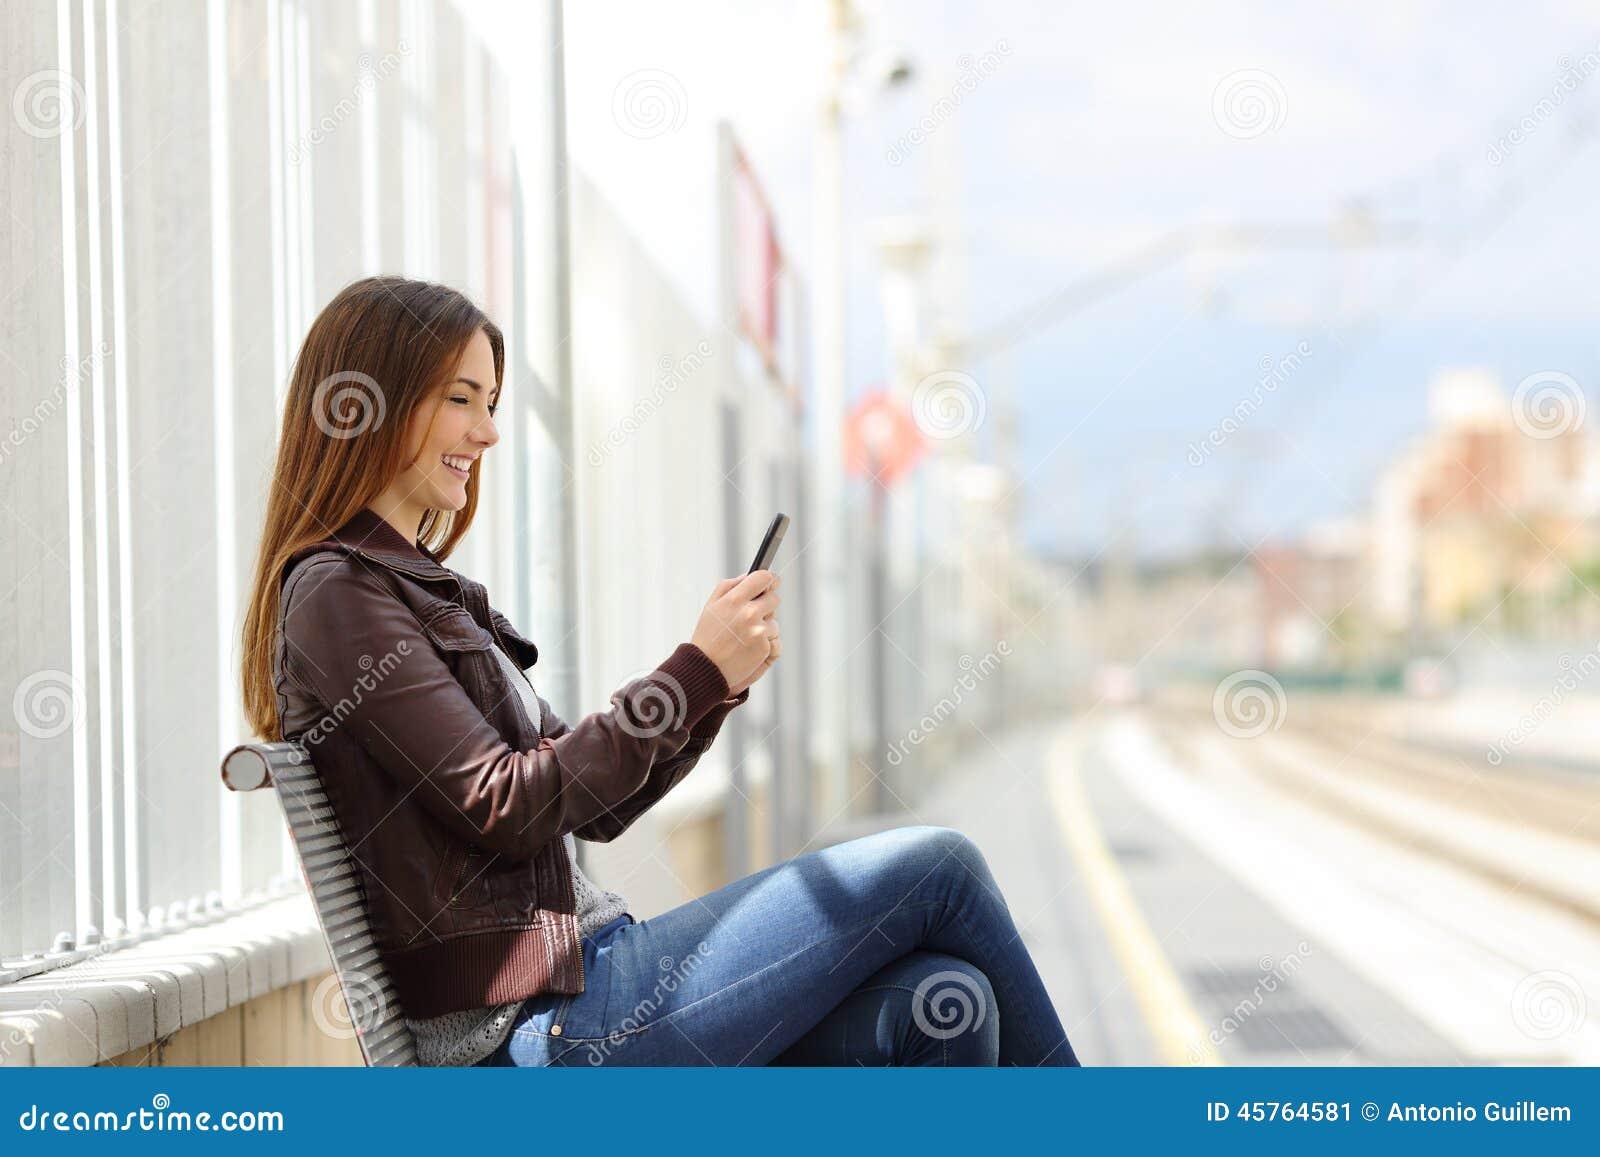 Donna felice che manda un sms su uno Smart Phone in una stazione ferroviaria